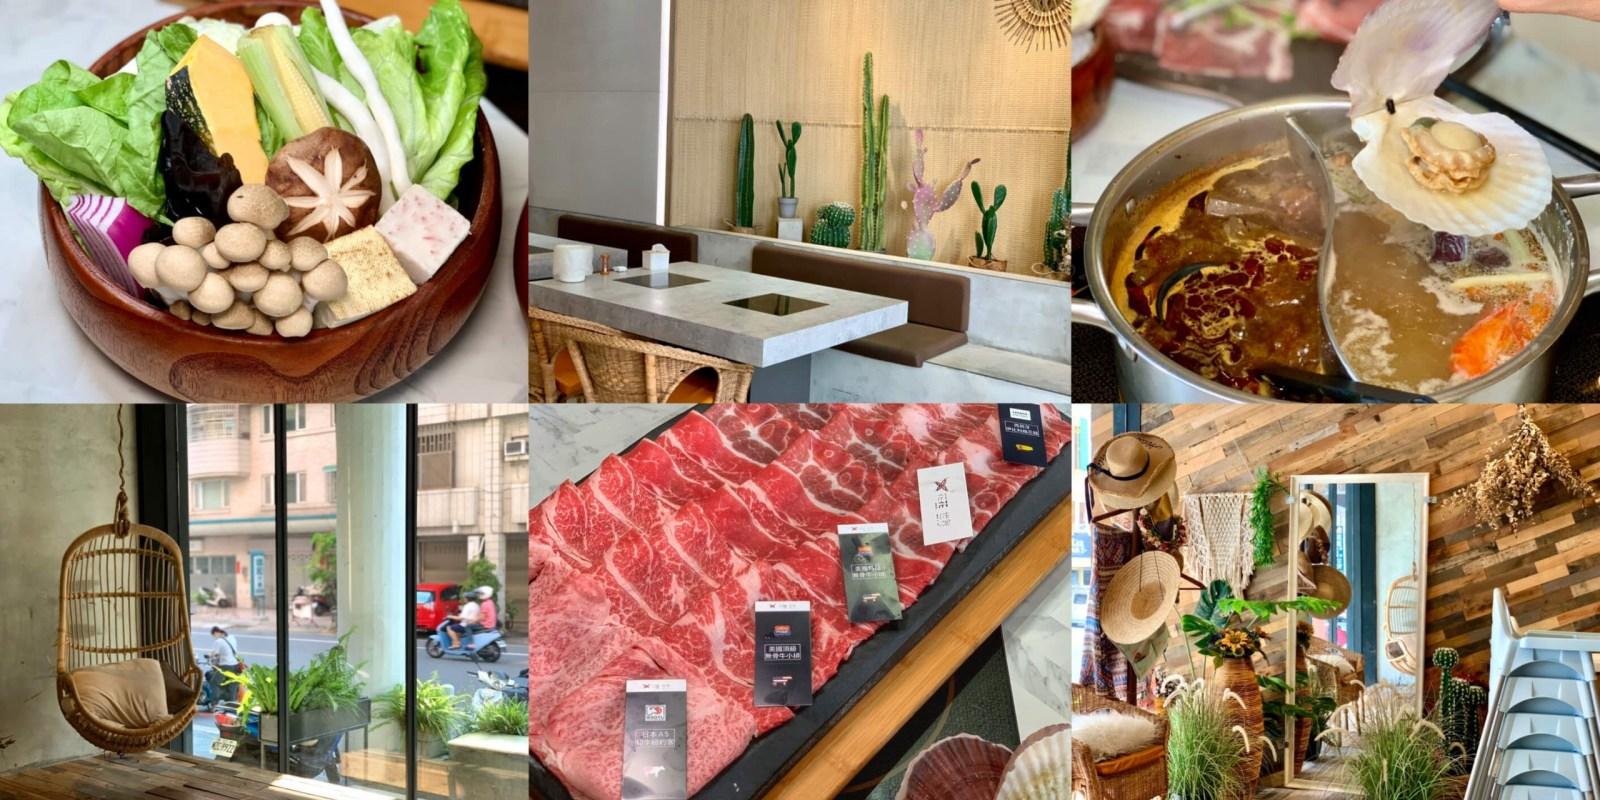 【台南高雄聚餐】花花世界鍋物WHATSWORLDresort|從環境到餐點樣樣精緻浮誇,店內更是設有拍照打卡區!